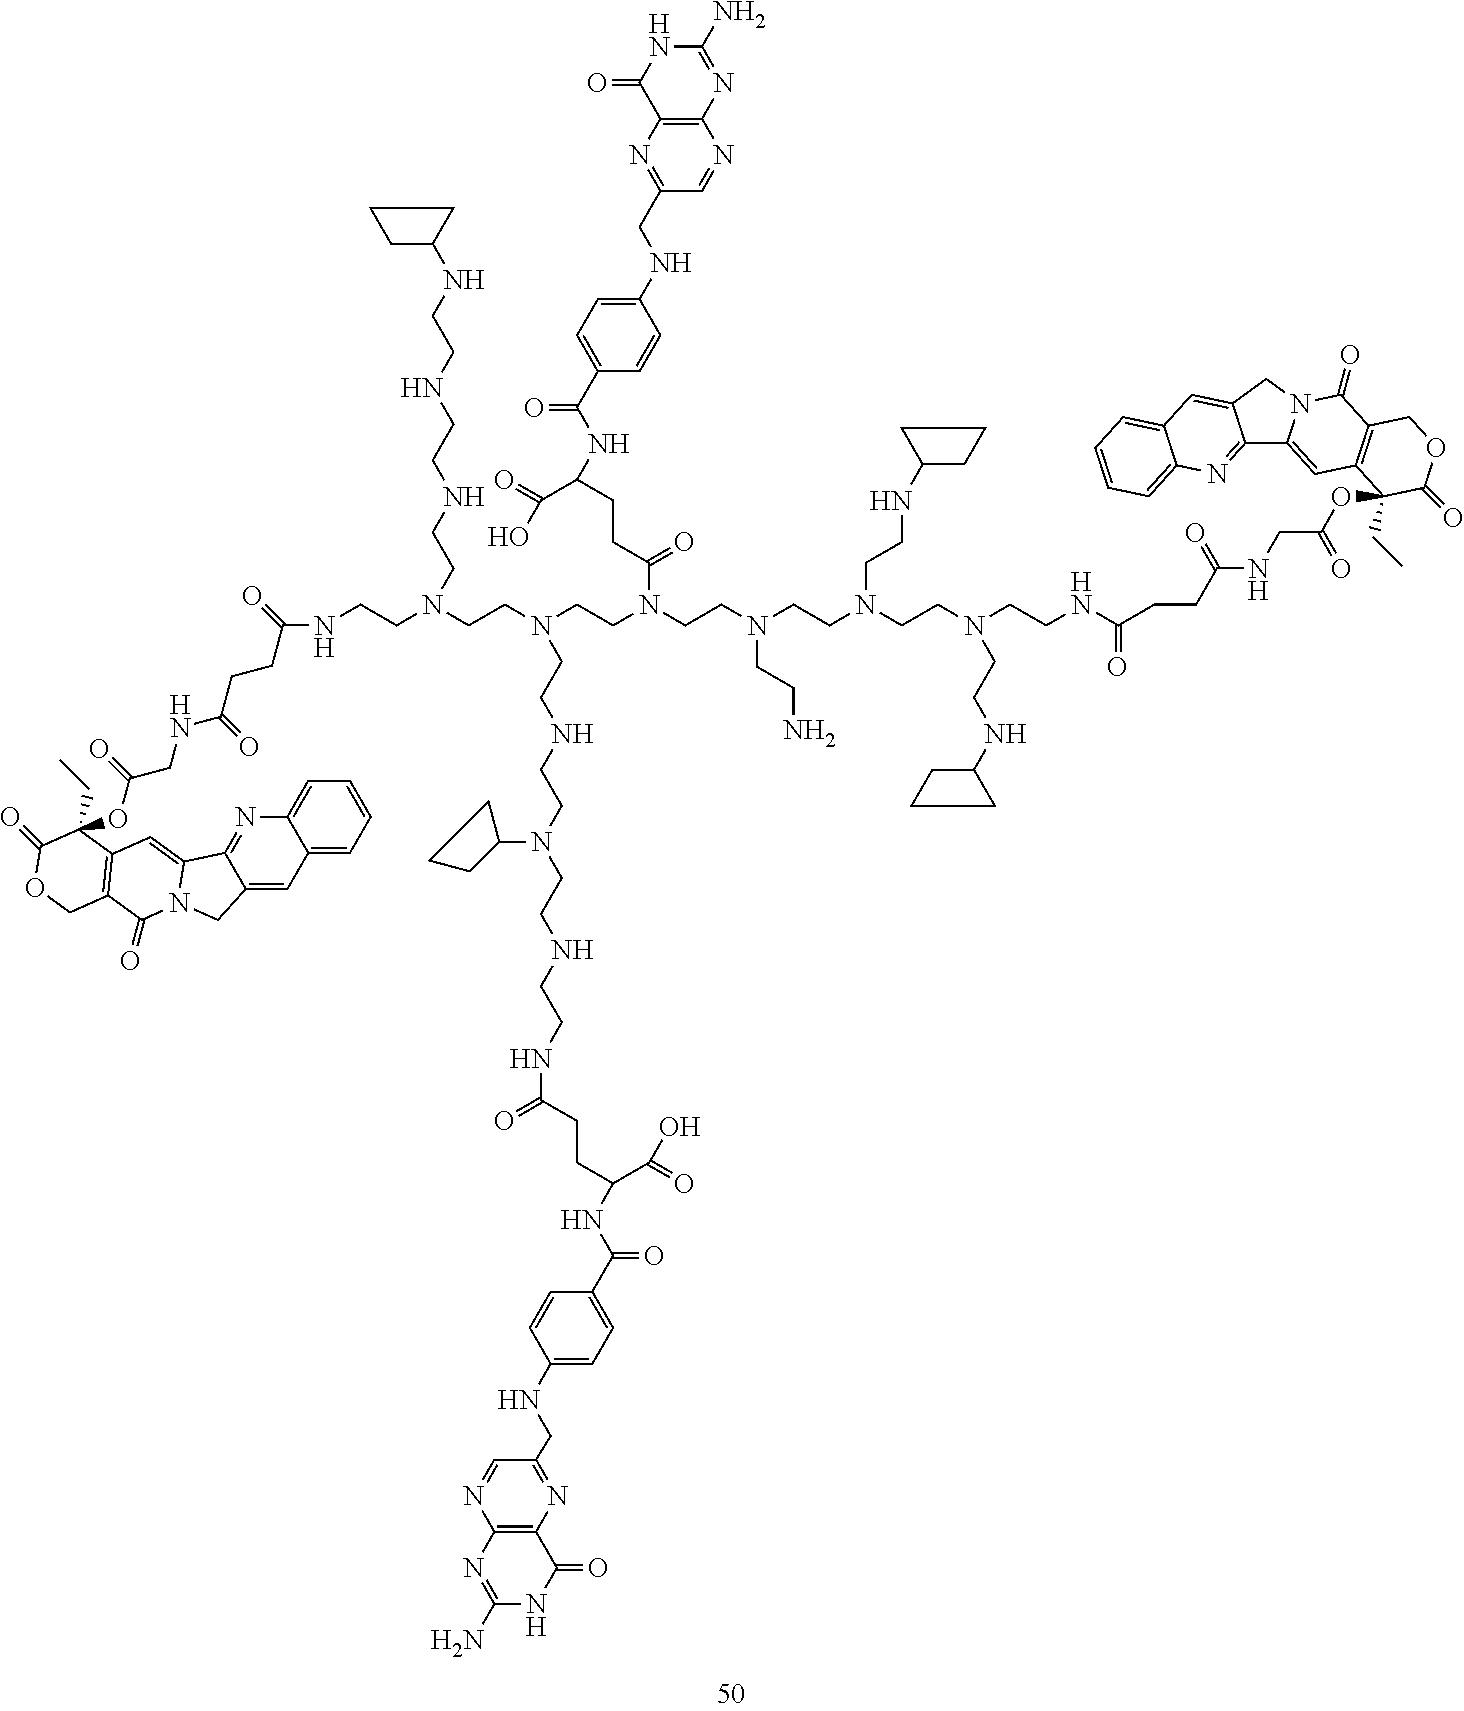 Figure US08580243-20131112-C00072